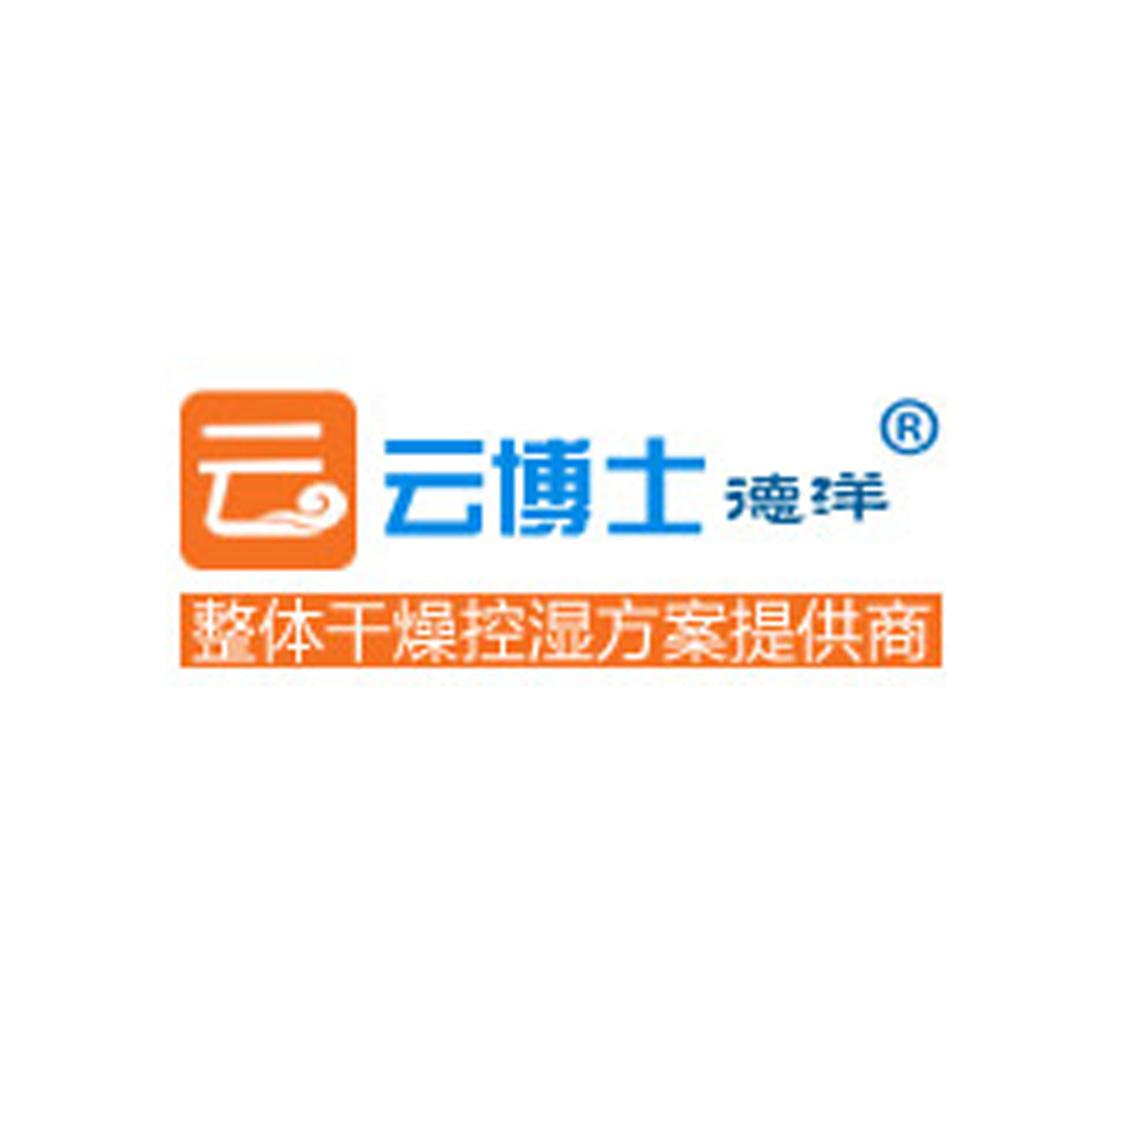 昆山云博士电子科技有限公司